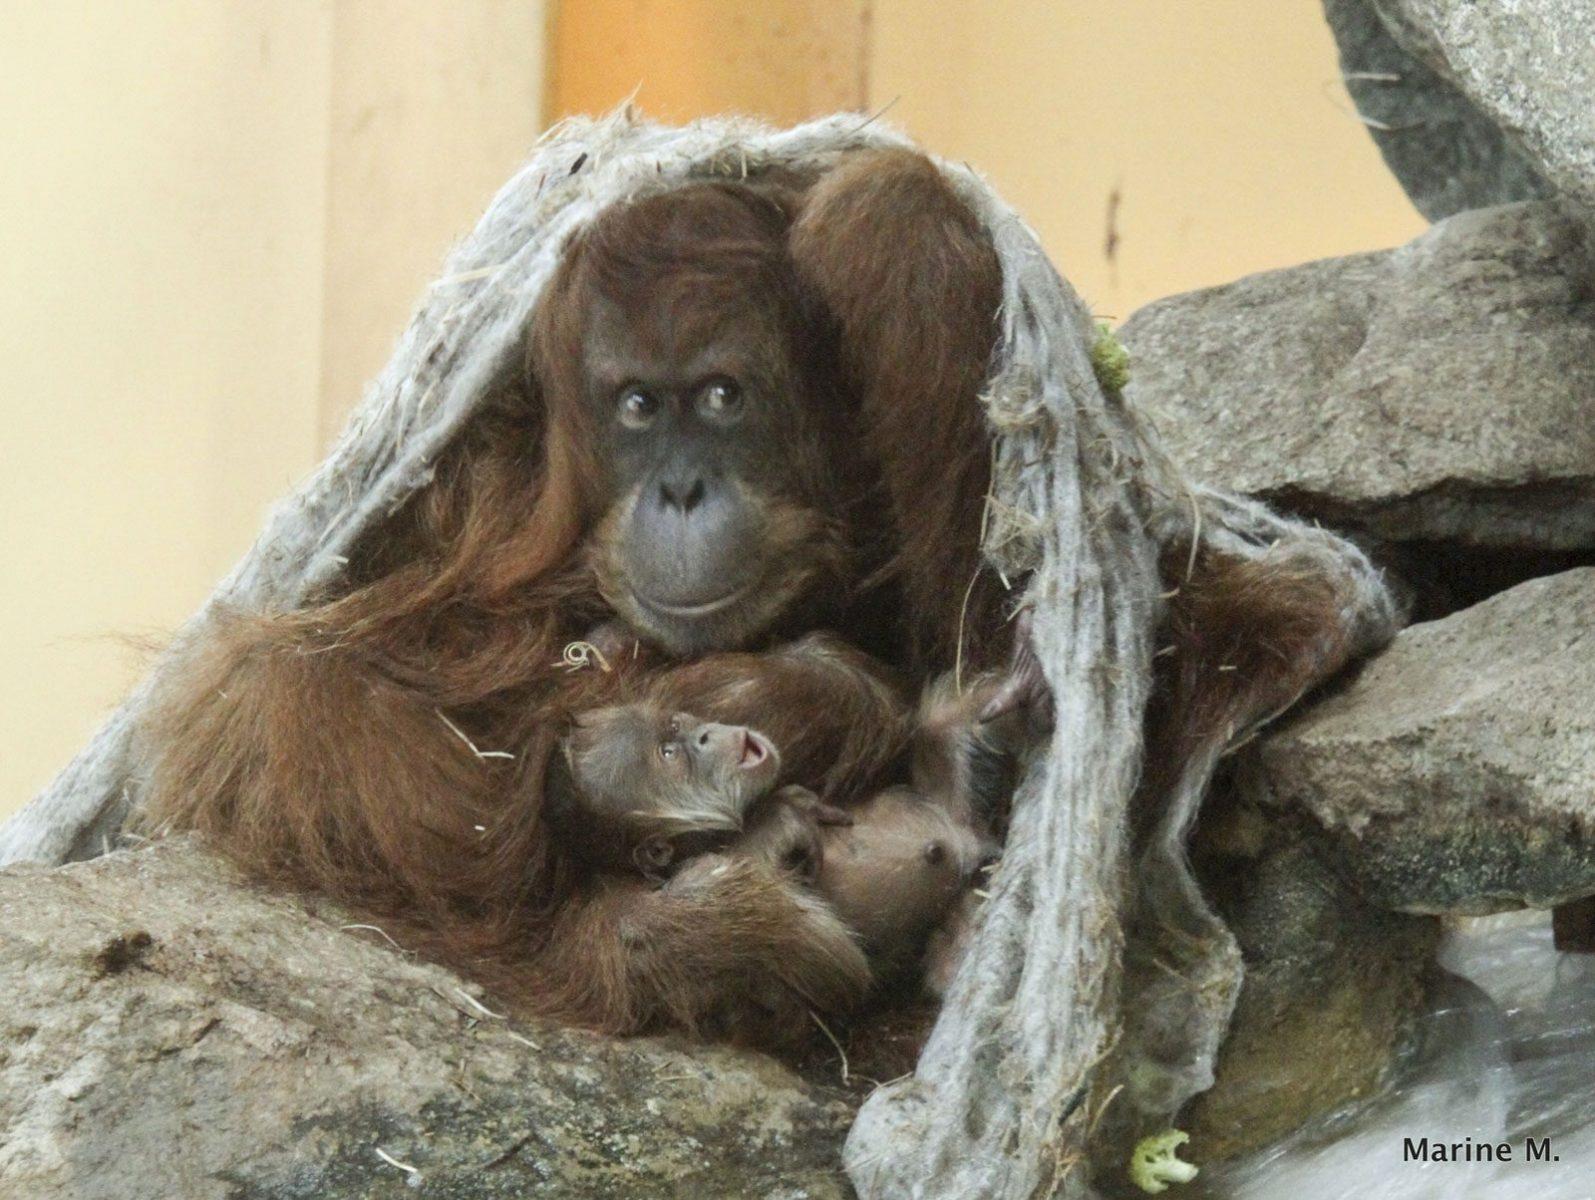 Un bébé orang-outang vient de naître au Zoo d'Amnéville